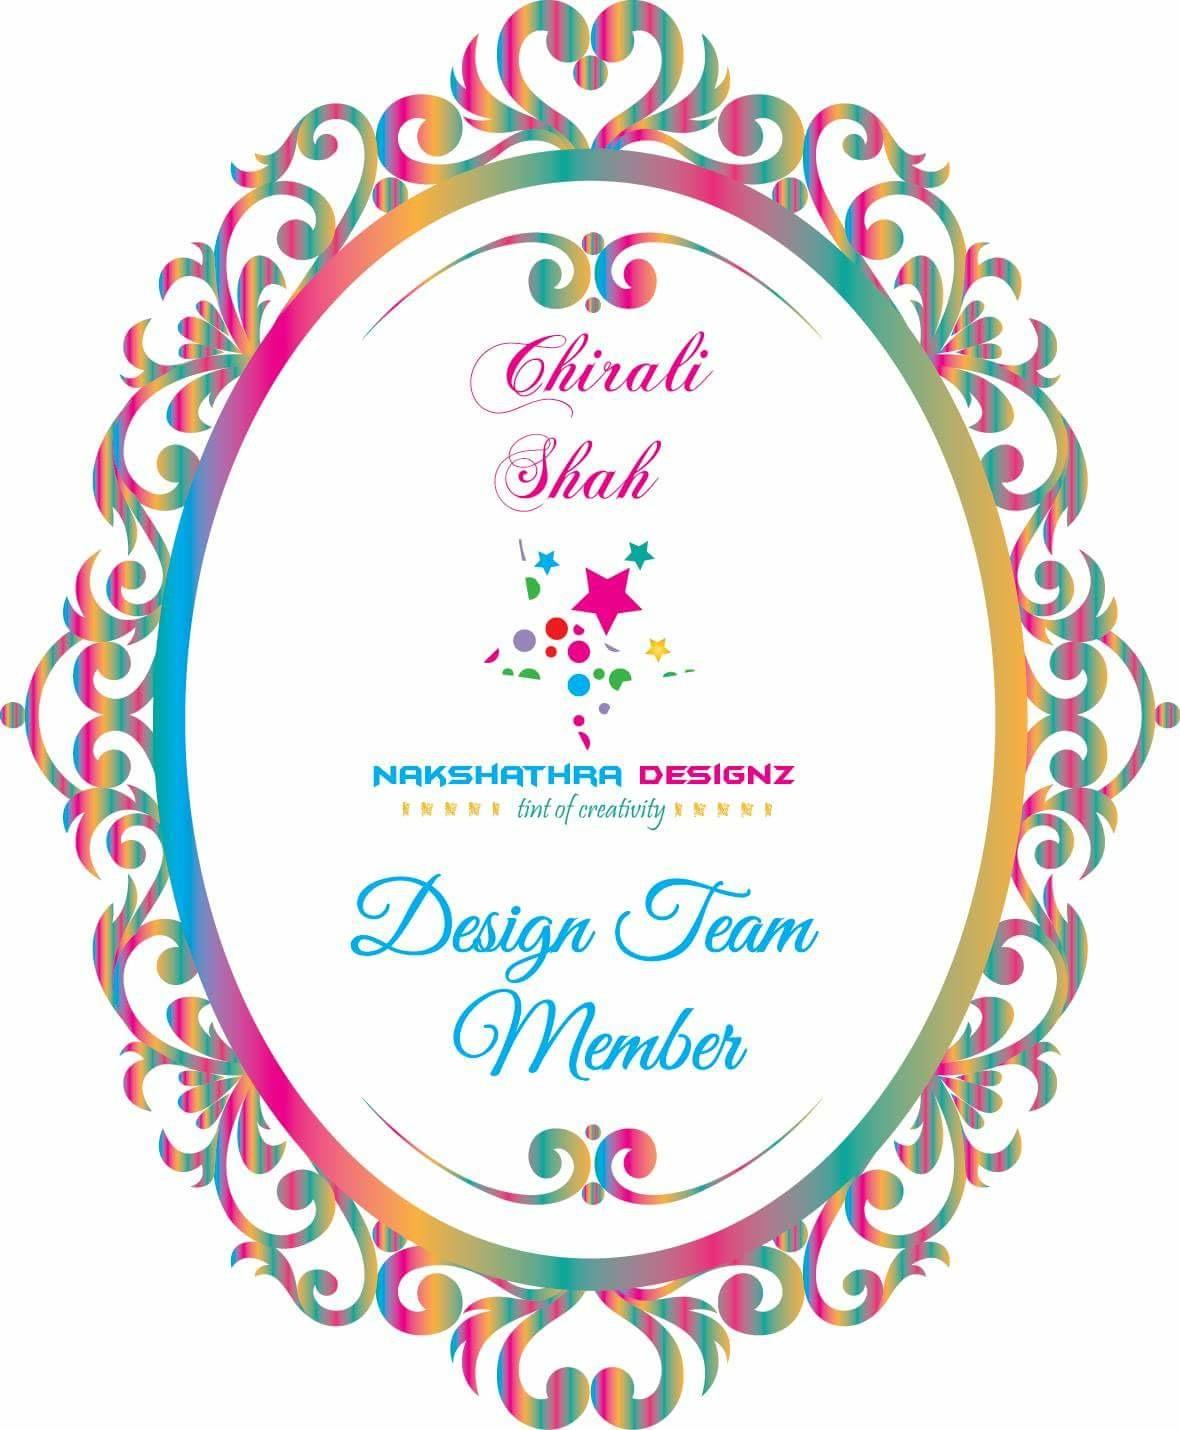 I design for Nakshathra Designz